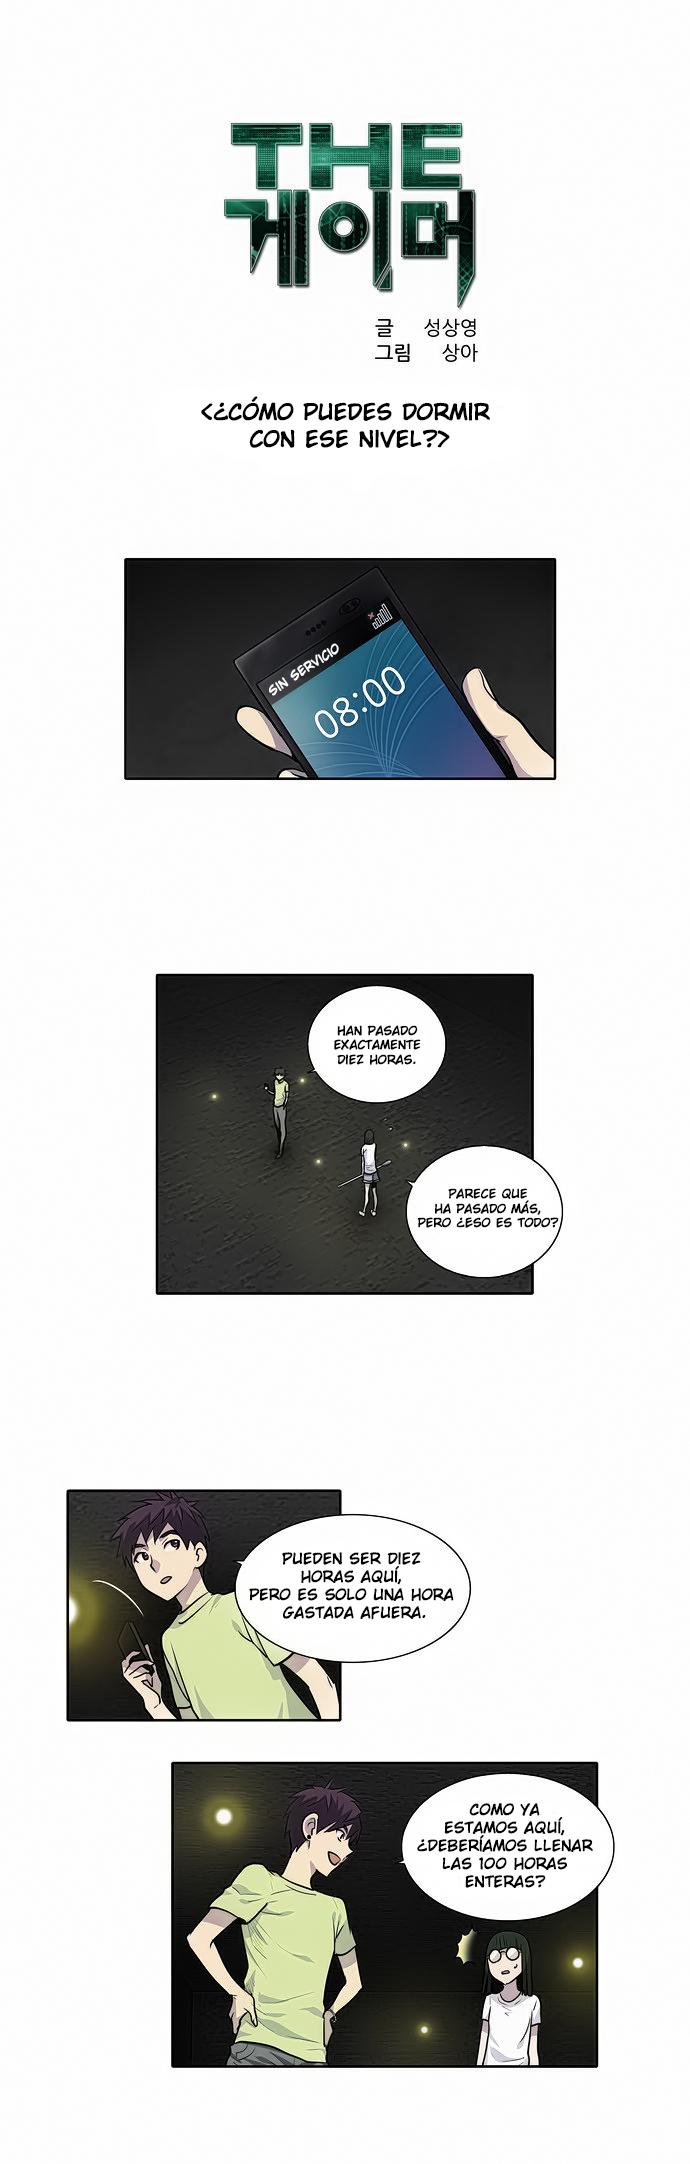 https://c5.ninemanga.com/es_manga/61/1725/434276/804589c2558377b846122344fdc54a72.jpg Page 2